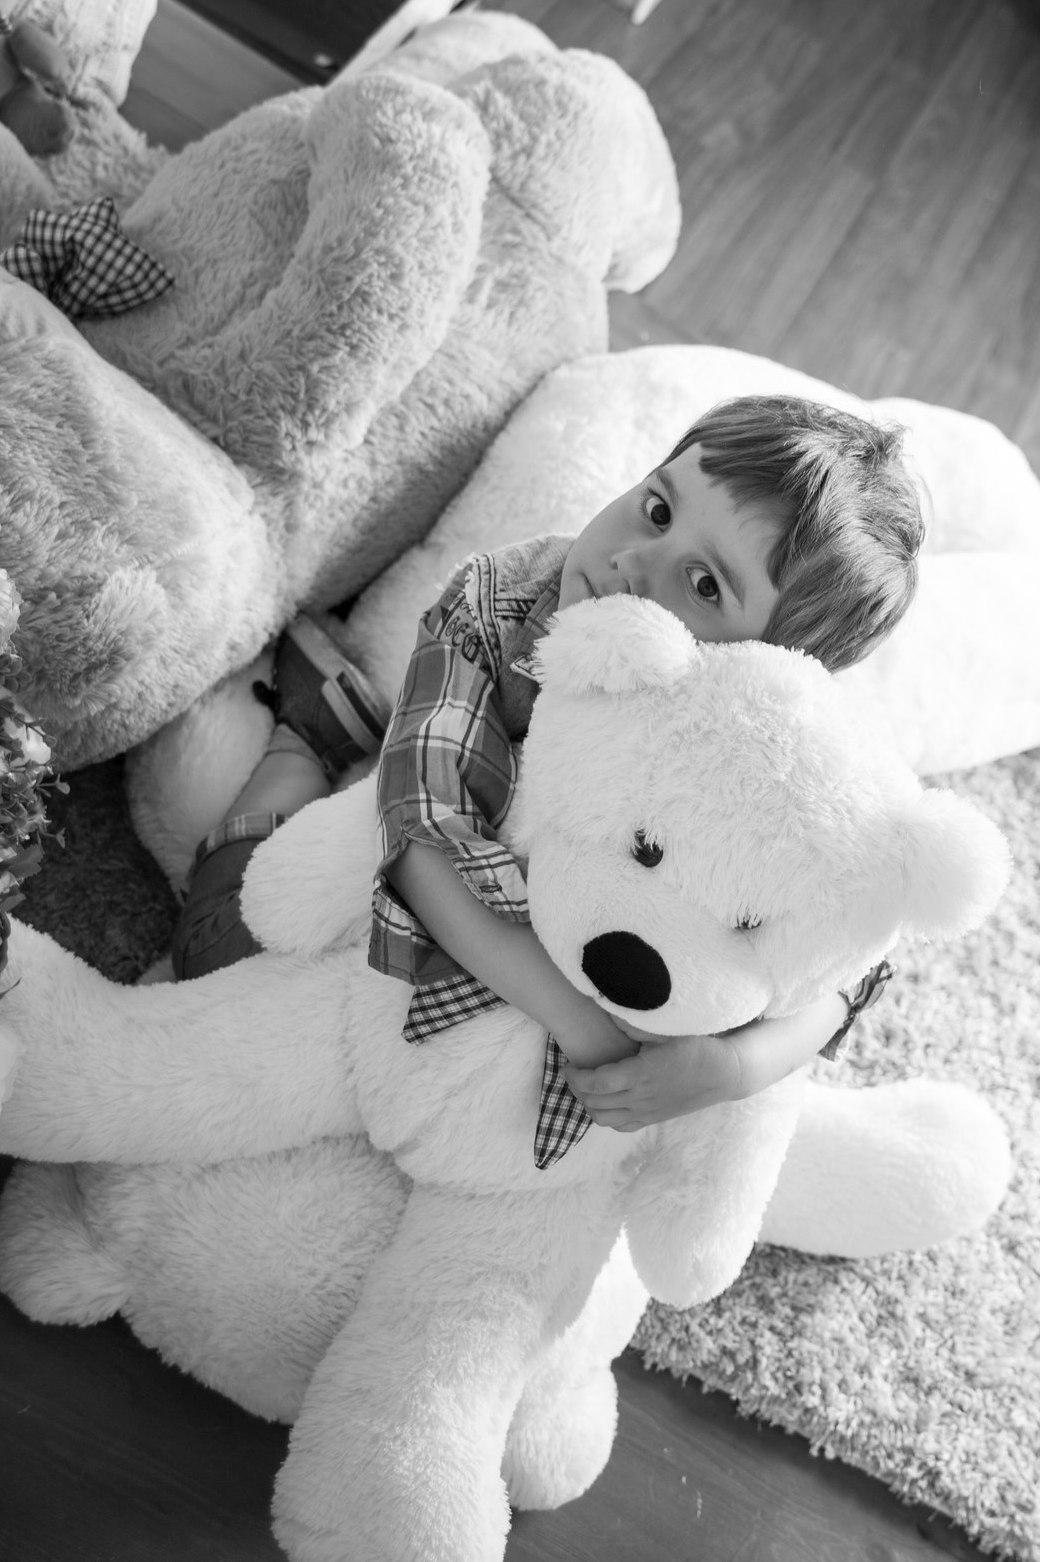 Любимый медведь. Веселая игра